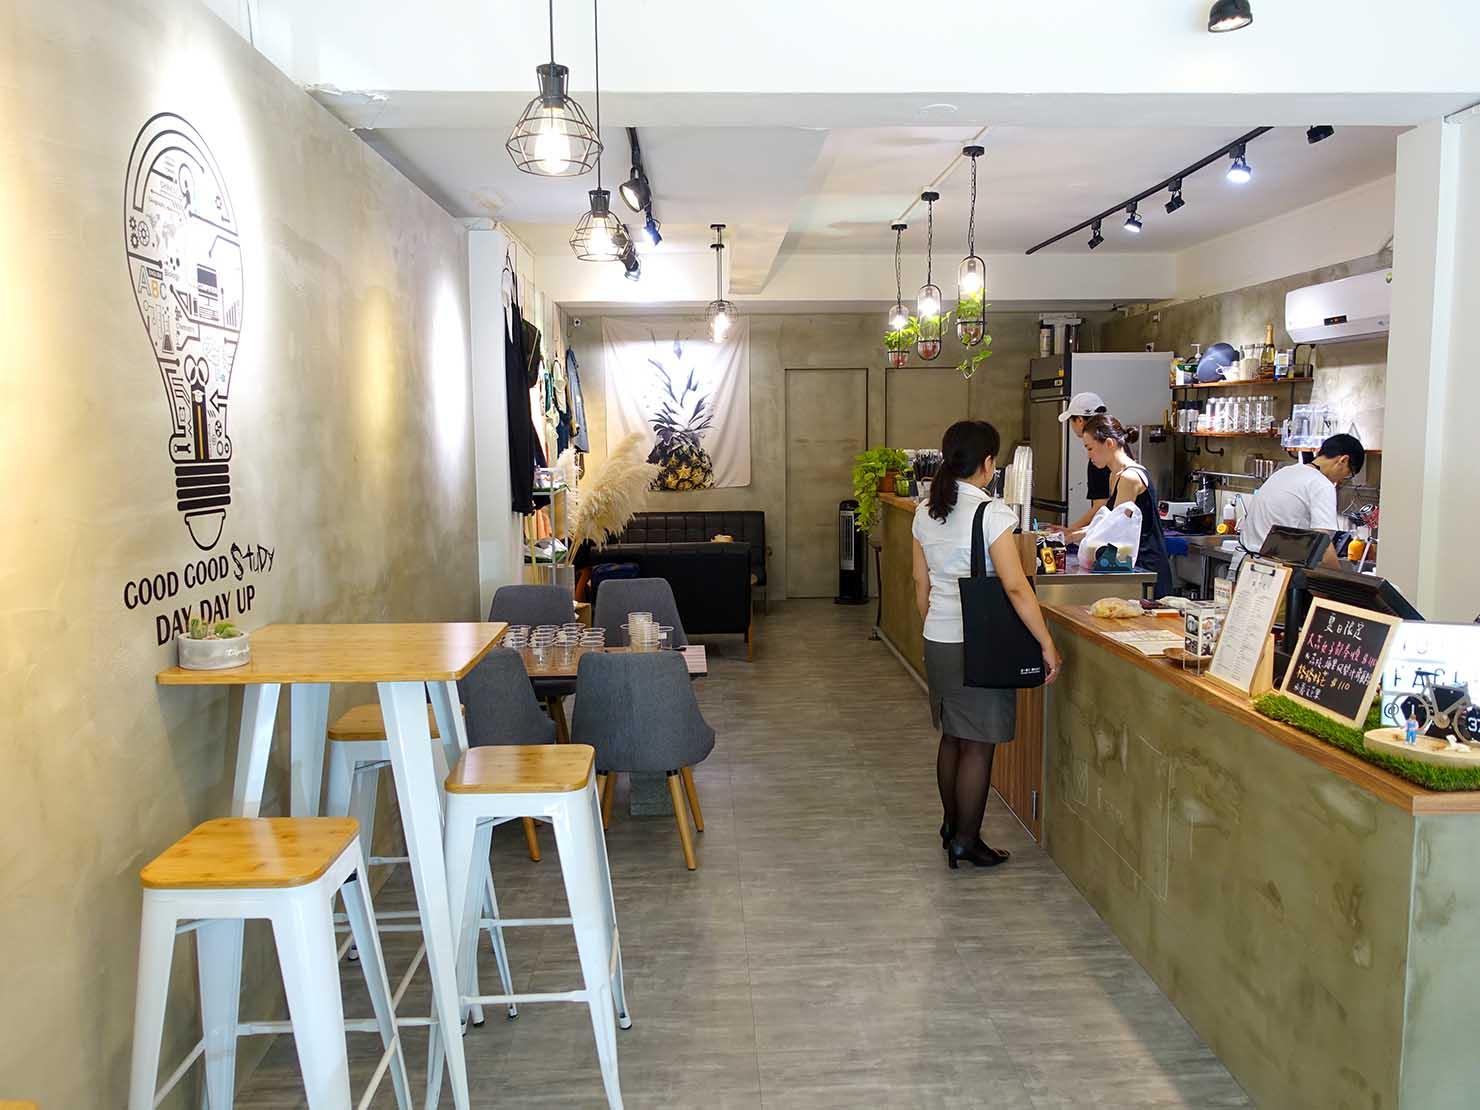 台北・行天宮のおすすめグルメ店「果汁几」の店内